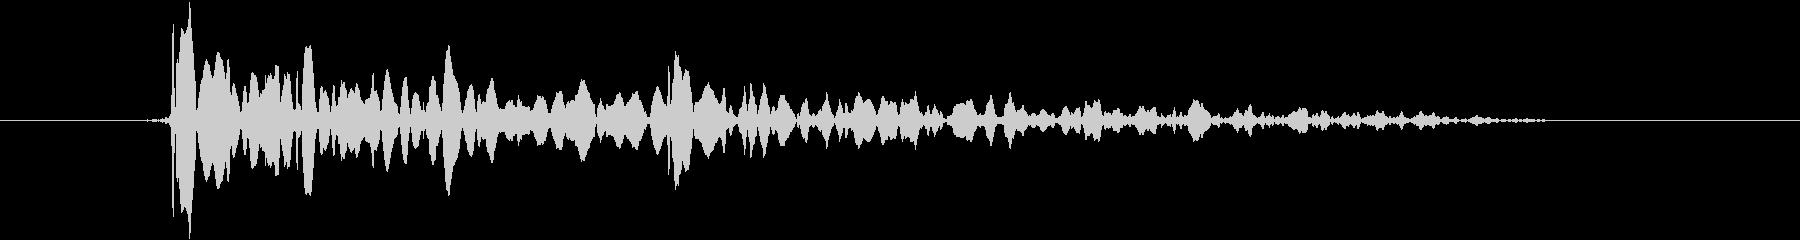 エラー・失敗・キャンセル(ブブッ)の未再生の波形